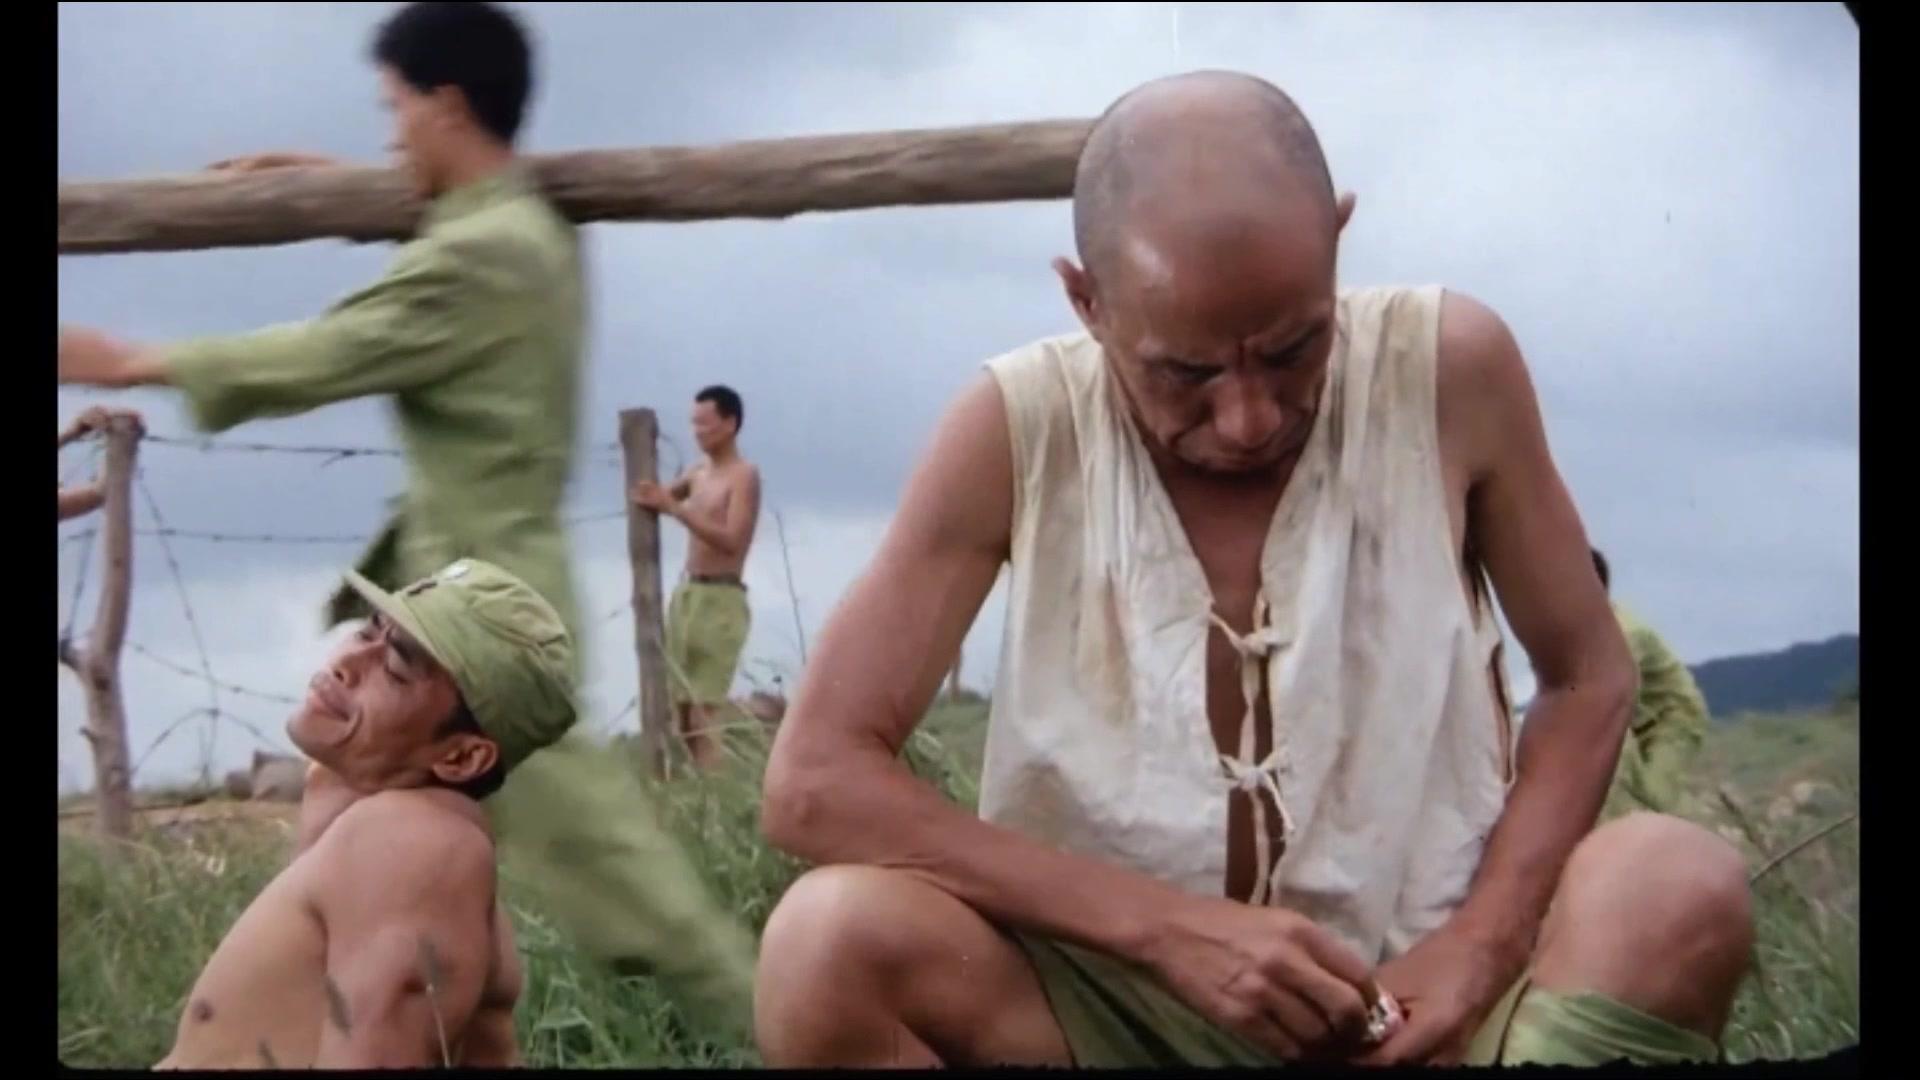 三毛从军记:魏宗万出演搞笑片段,三毛干活打桩这部分笑的忍不住